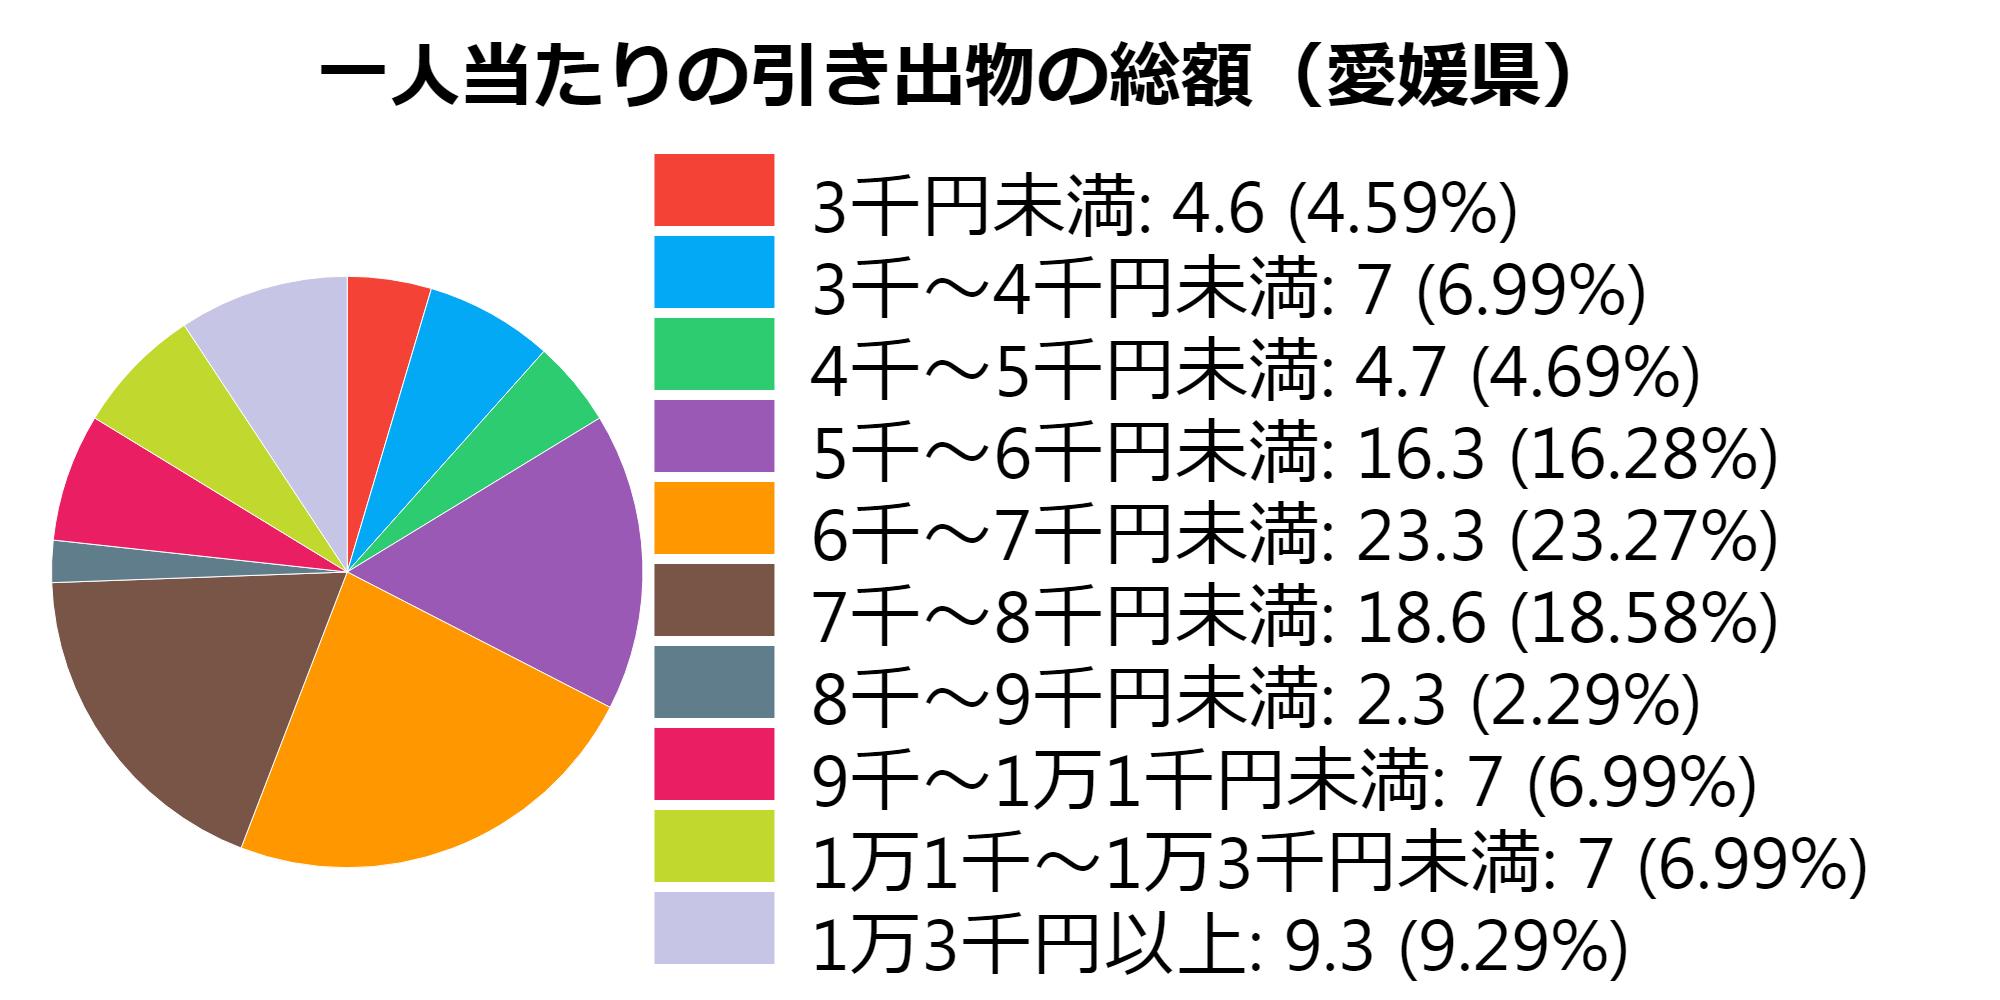 総額(愛媛県)